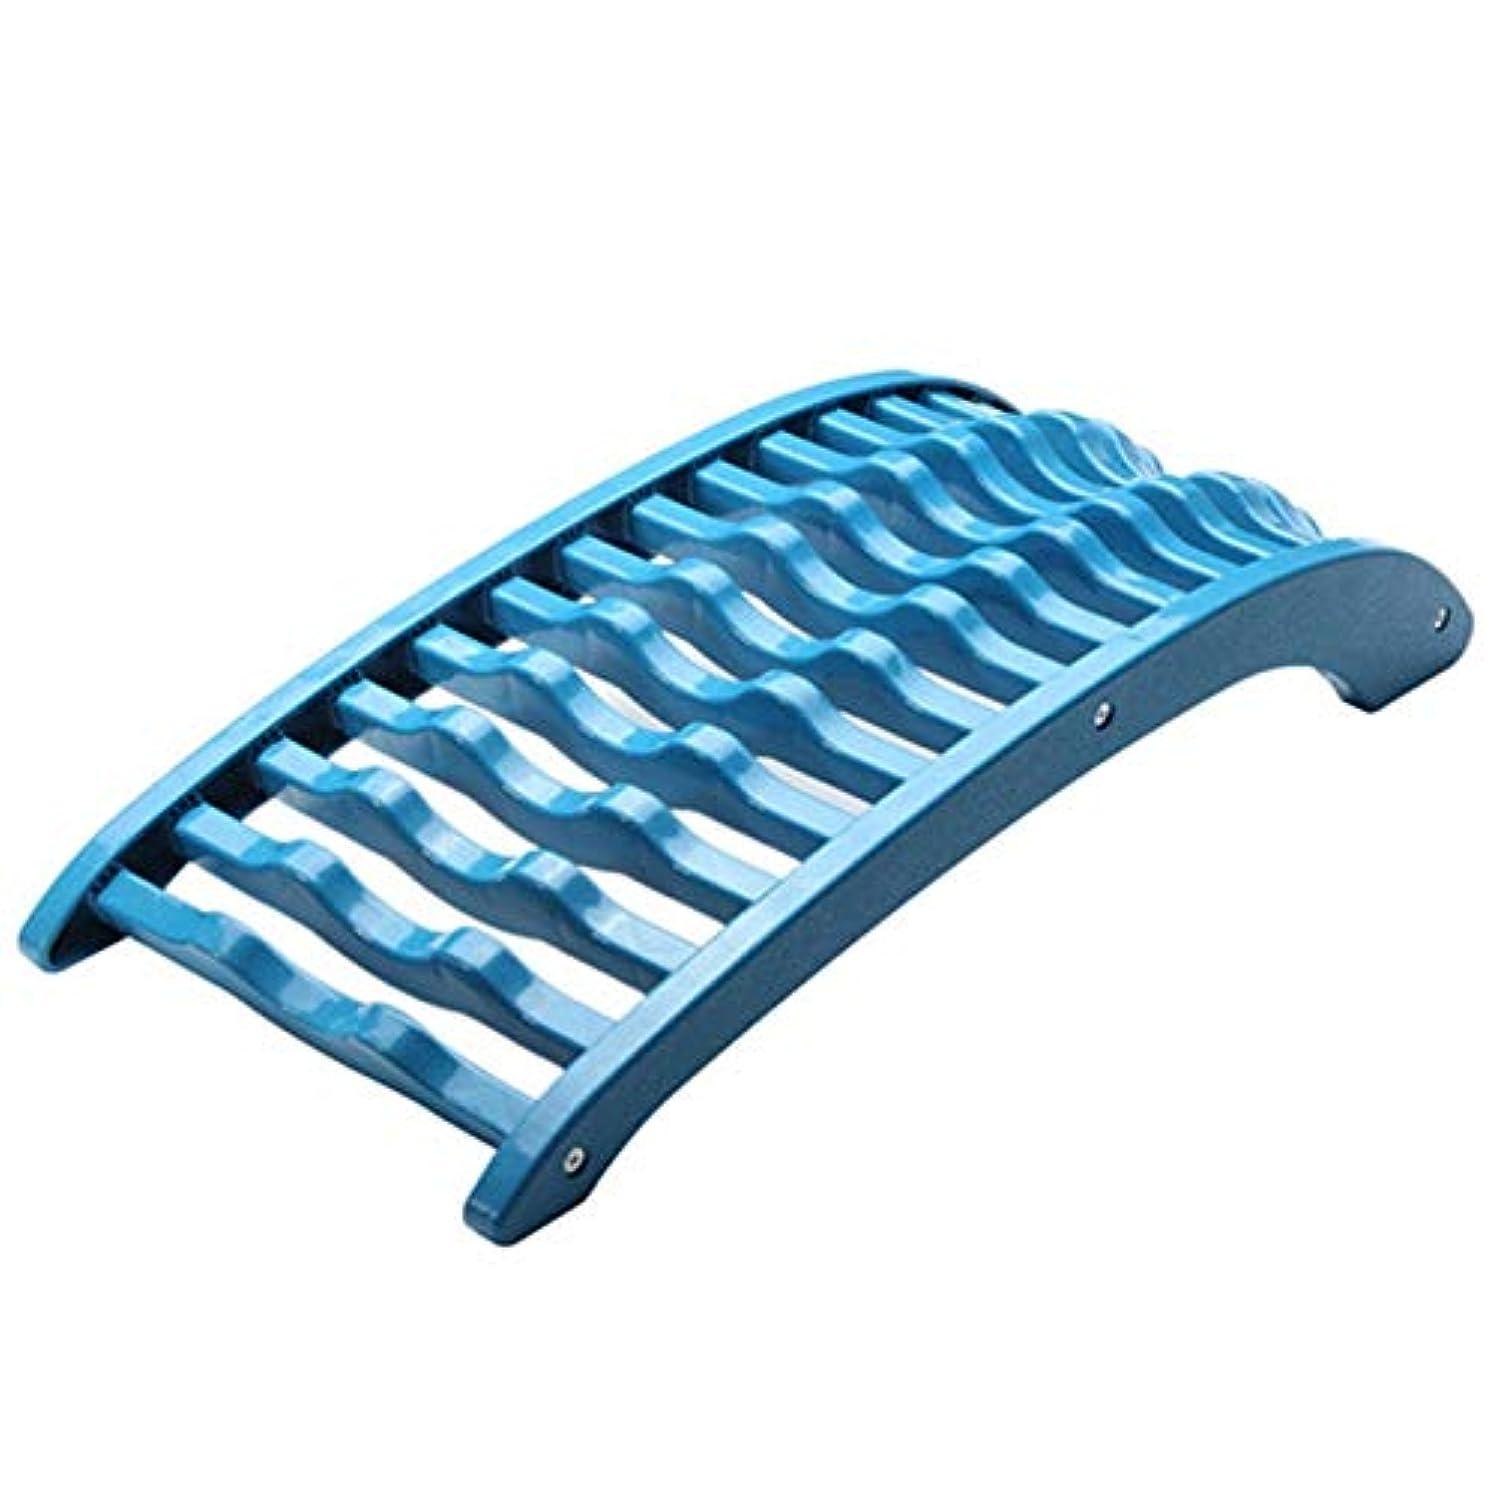 少なくとも放射性発言するXZANTE 背部伸張器のマッサージ用具 頚椎首の救助のマッサージャー 疲労痛みの緩和 ホームオフィスのヘルスケア用具